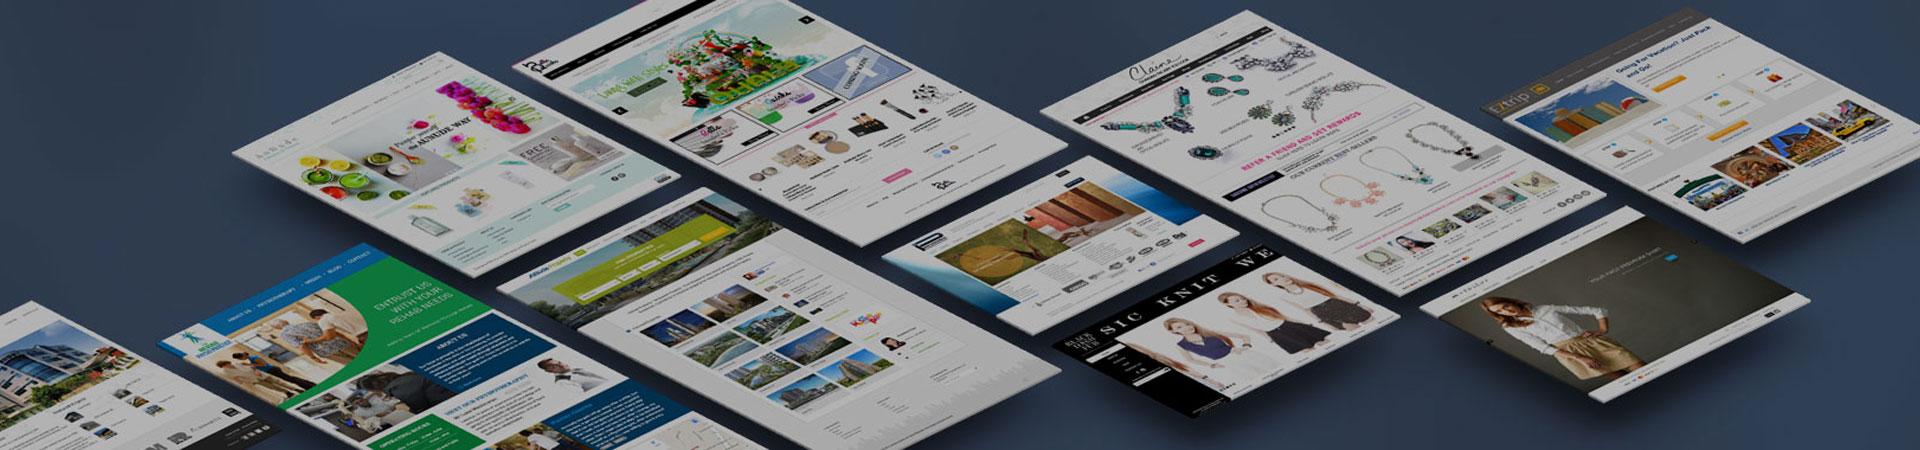 Website Design Singapore - Bella & Quirks